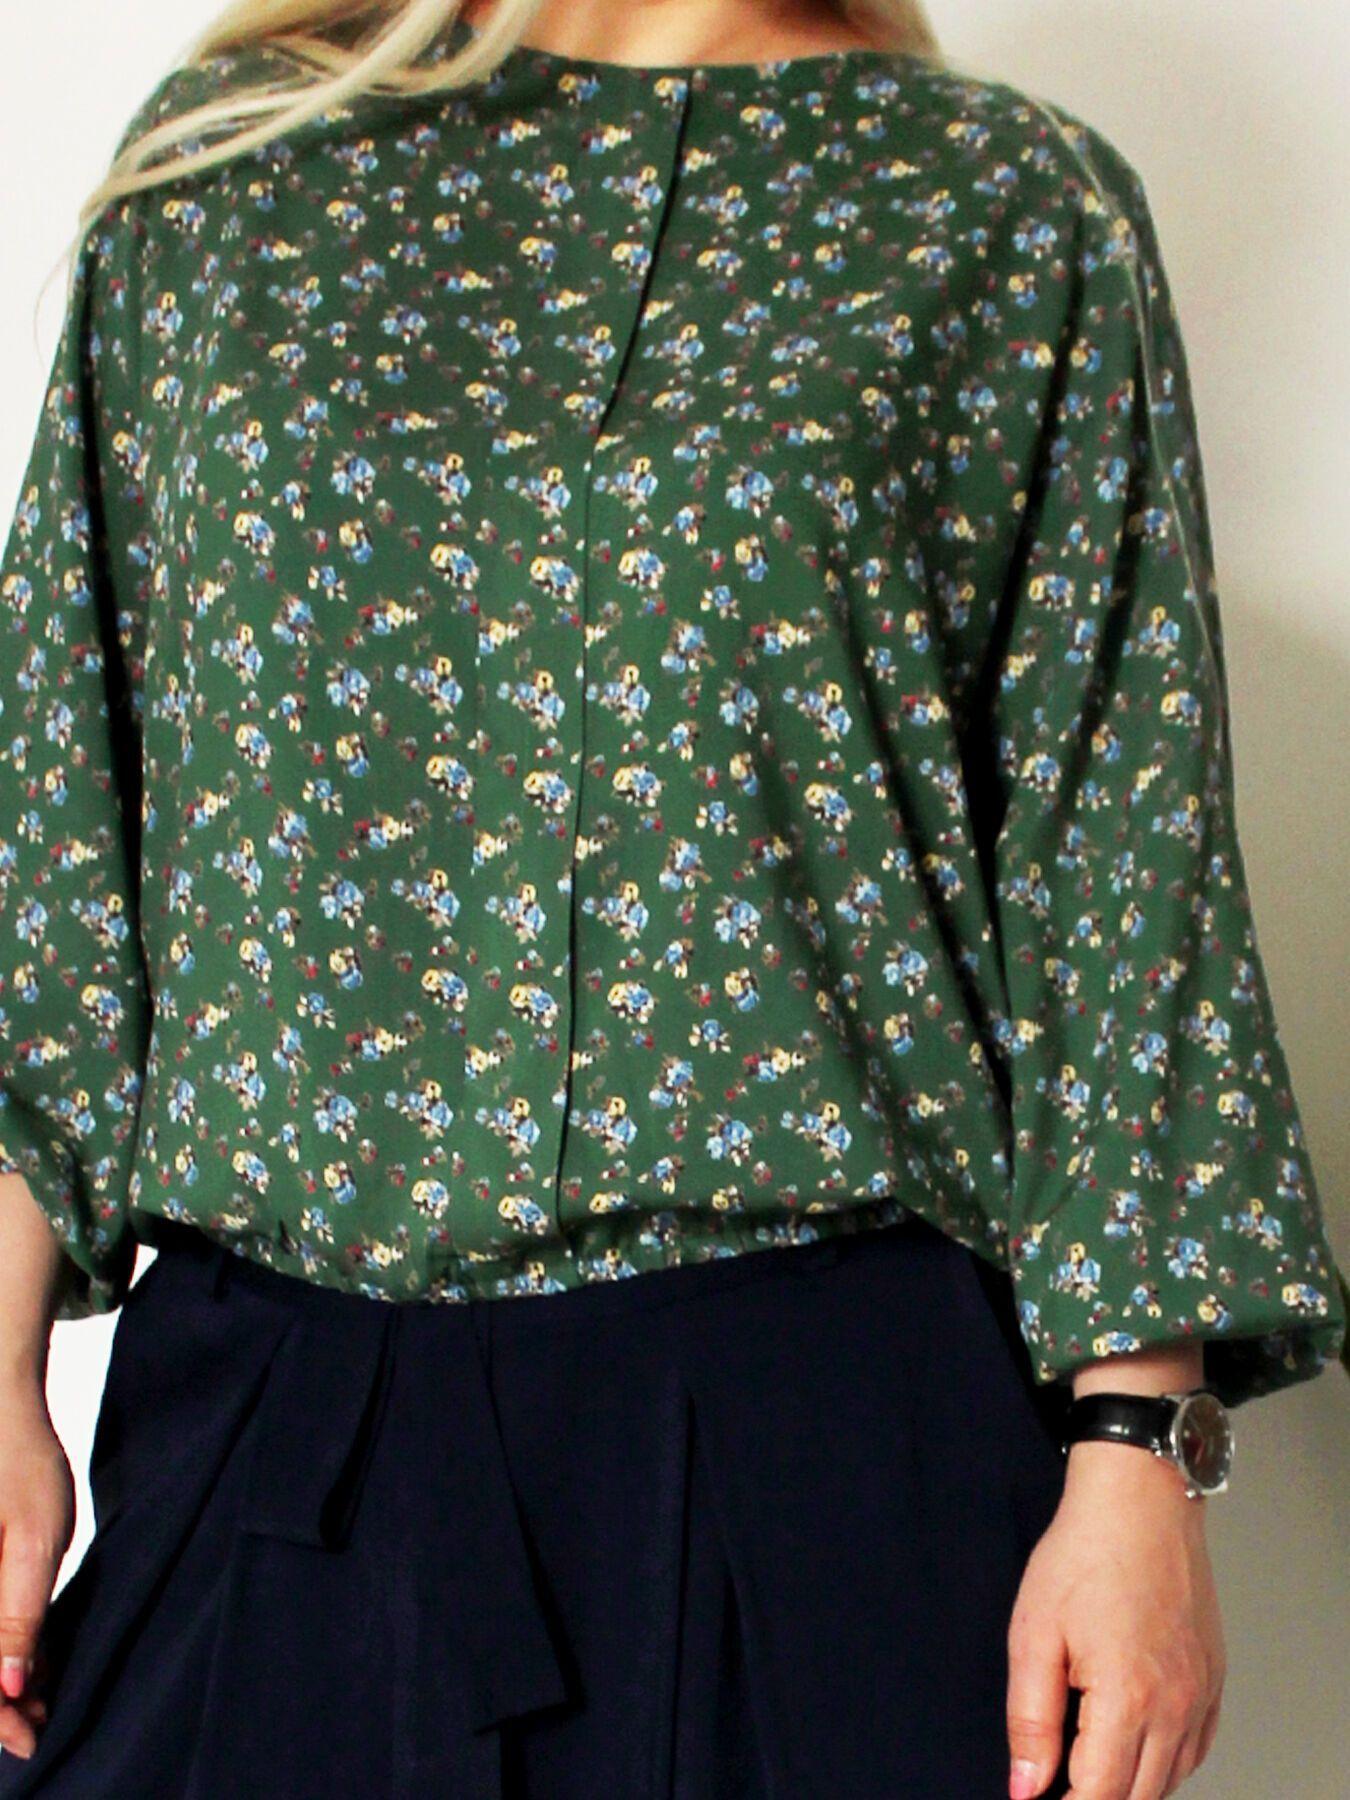 Блузки с мелким цветочным принтом придают возраста